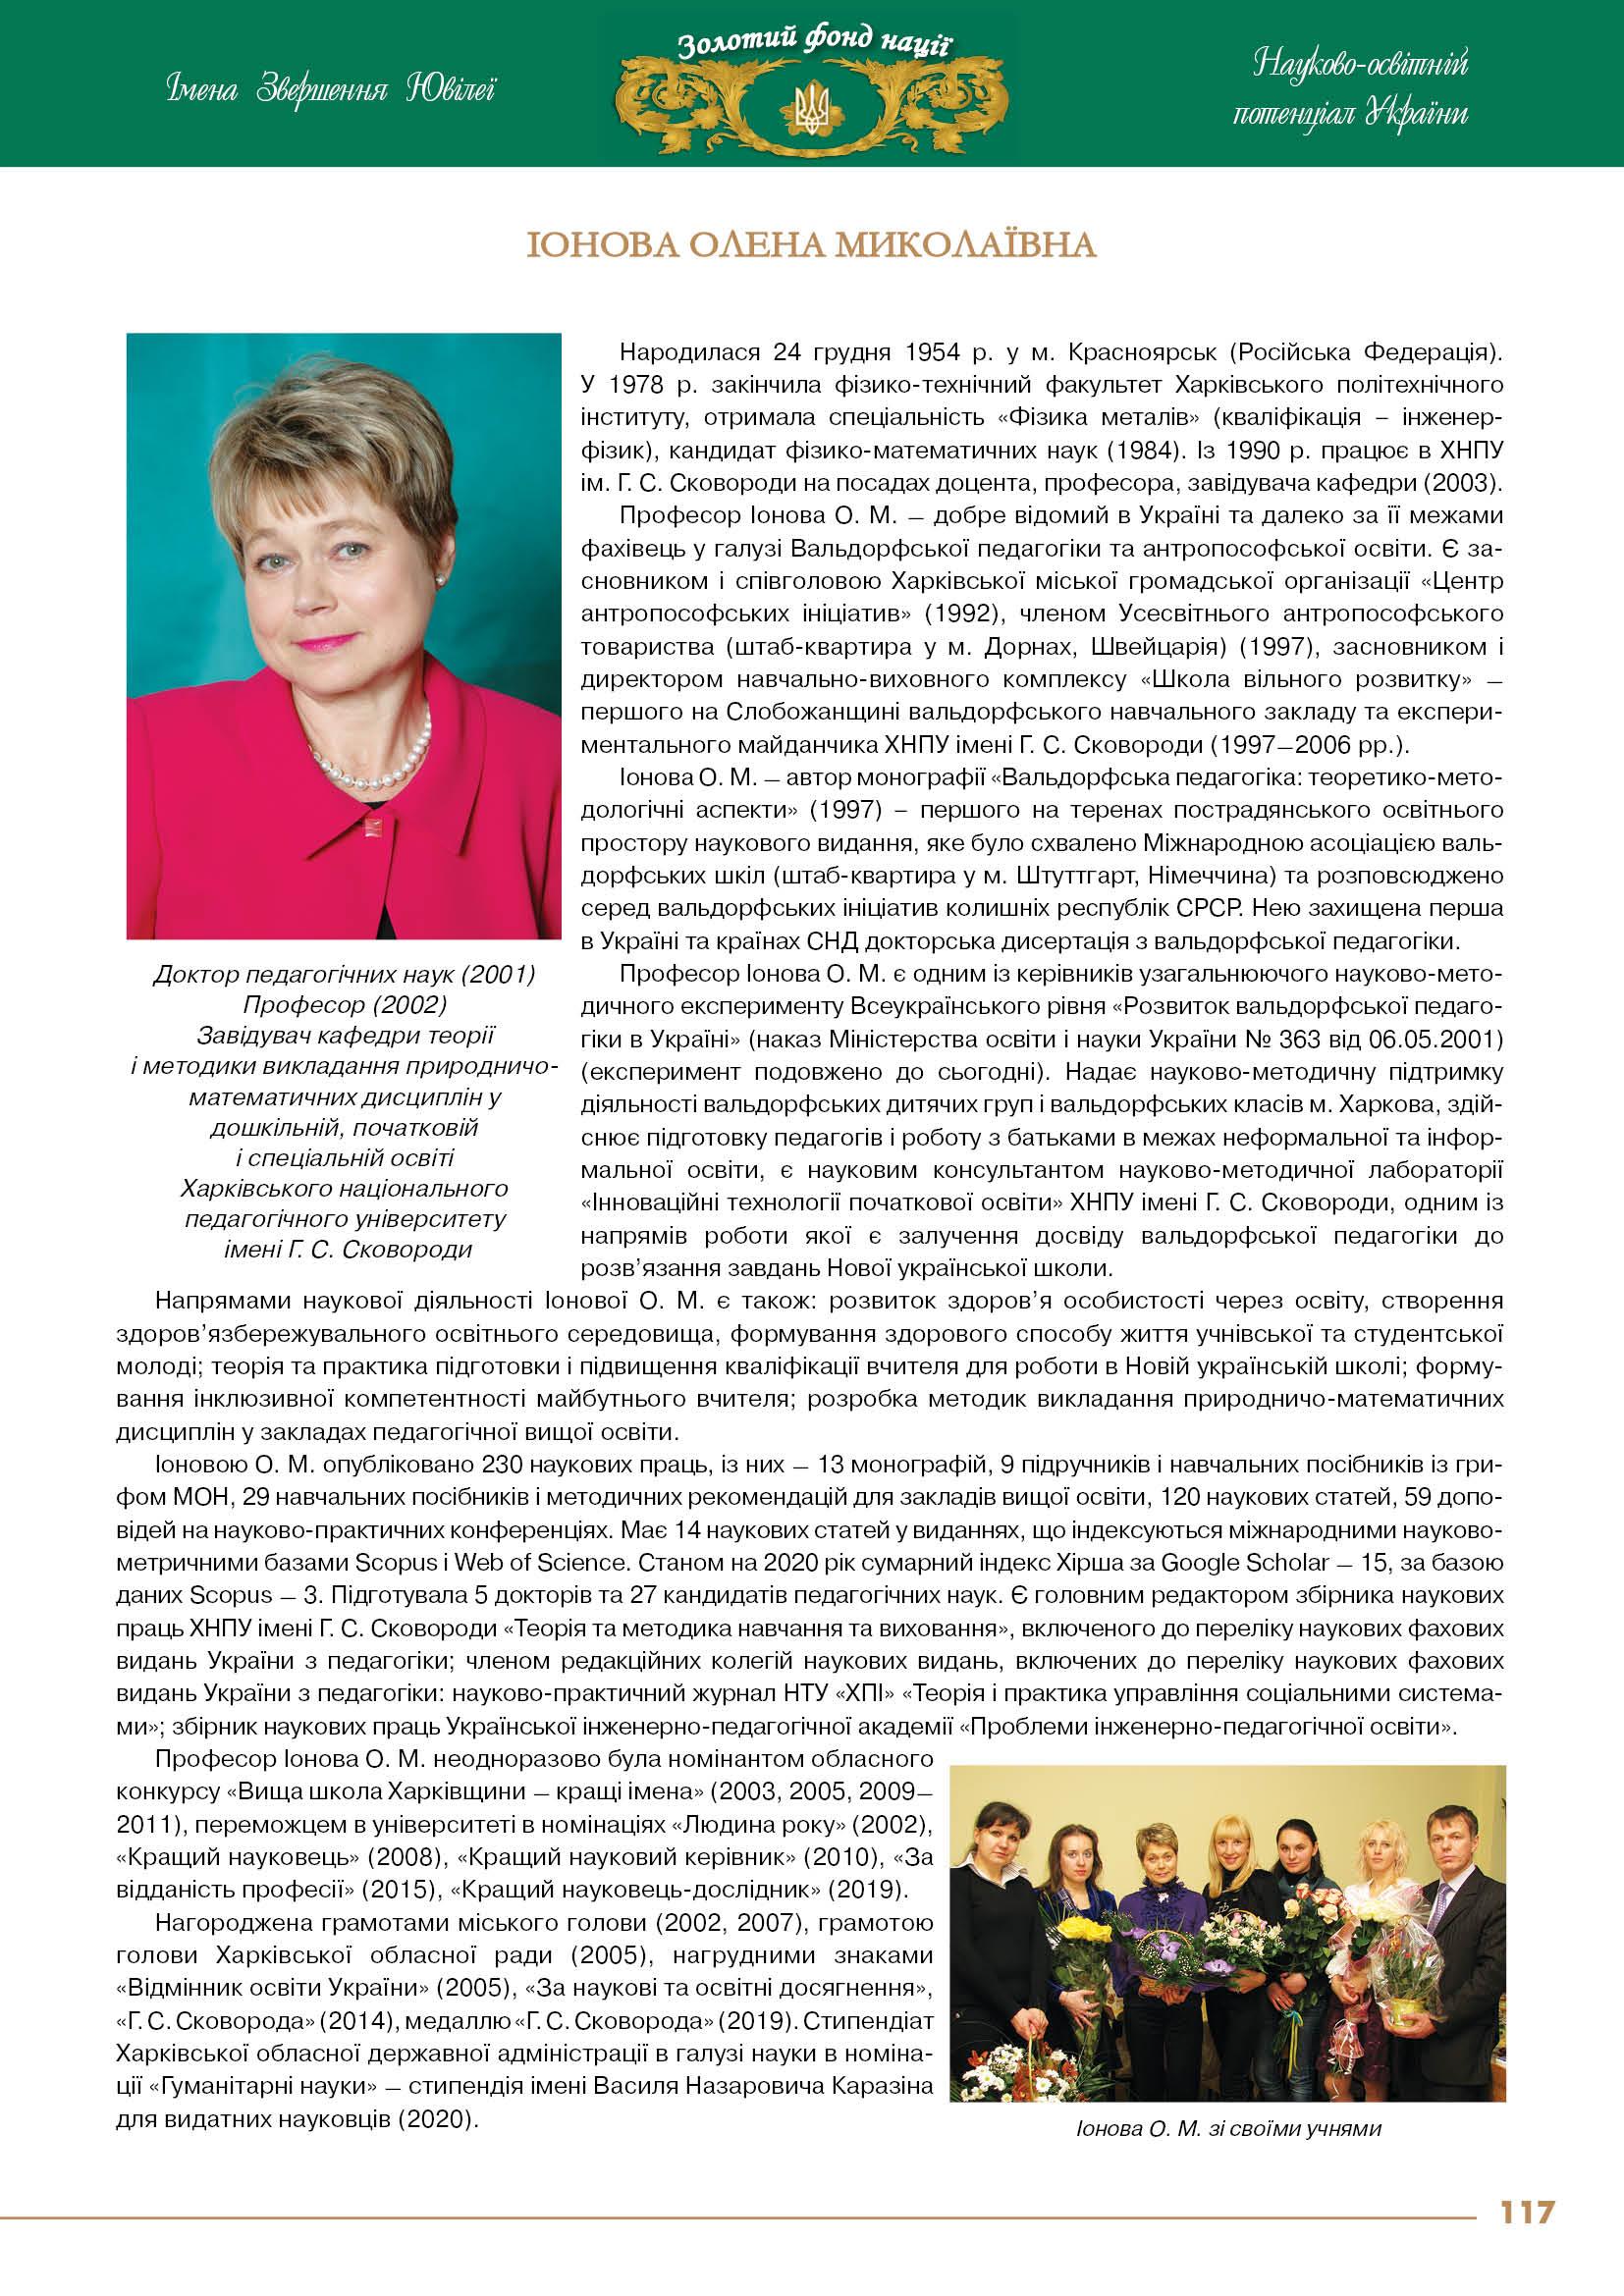 Іонова Олена Миколаївна